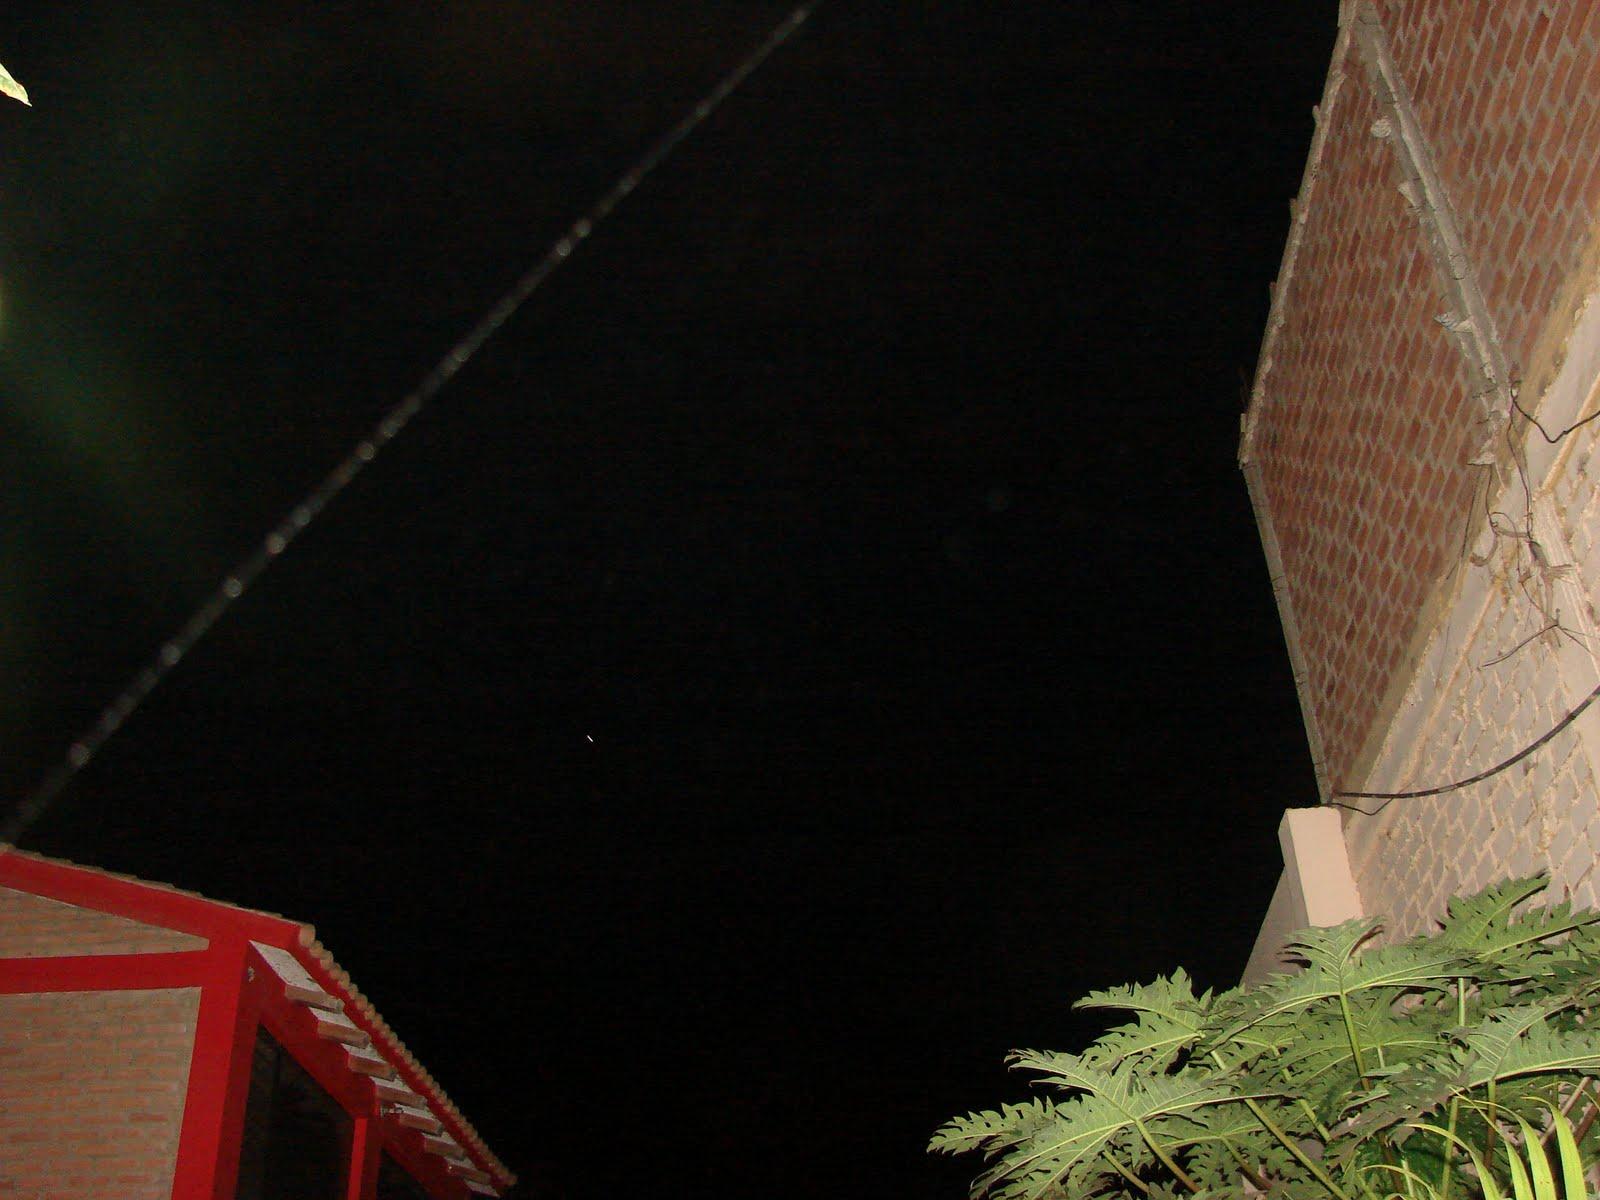 Urgente-5-mayo-6-7-8-9-10...2011 Ovni lanza lasers sobre tejado de Mi casa Huacho sec...2011